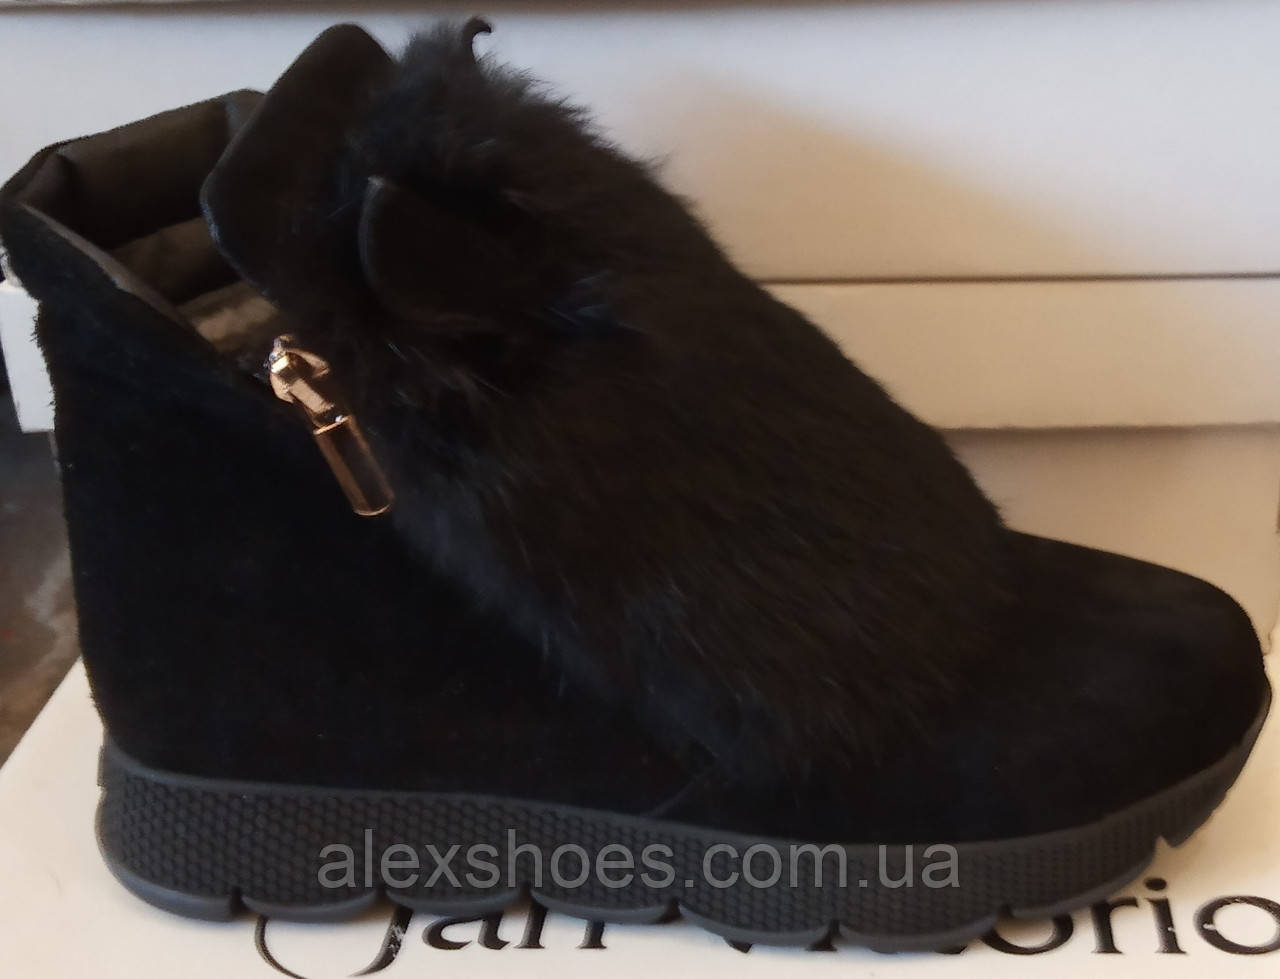 Ботинки молодежные зима из натуральной замши с ушками от производителя ЛУ418-2